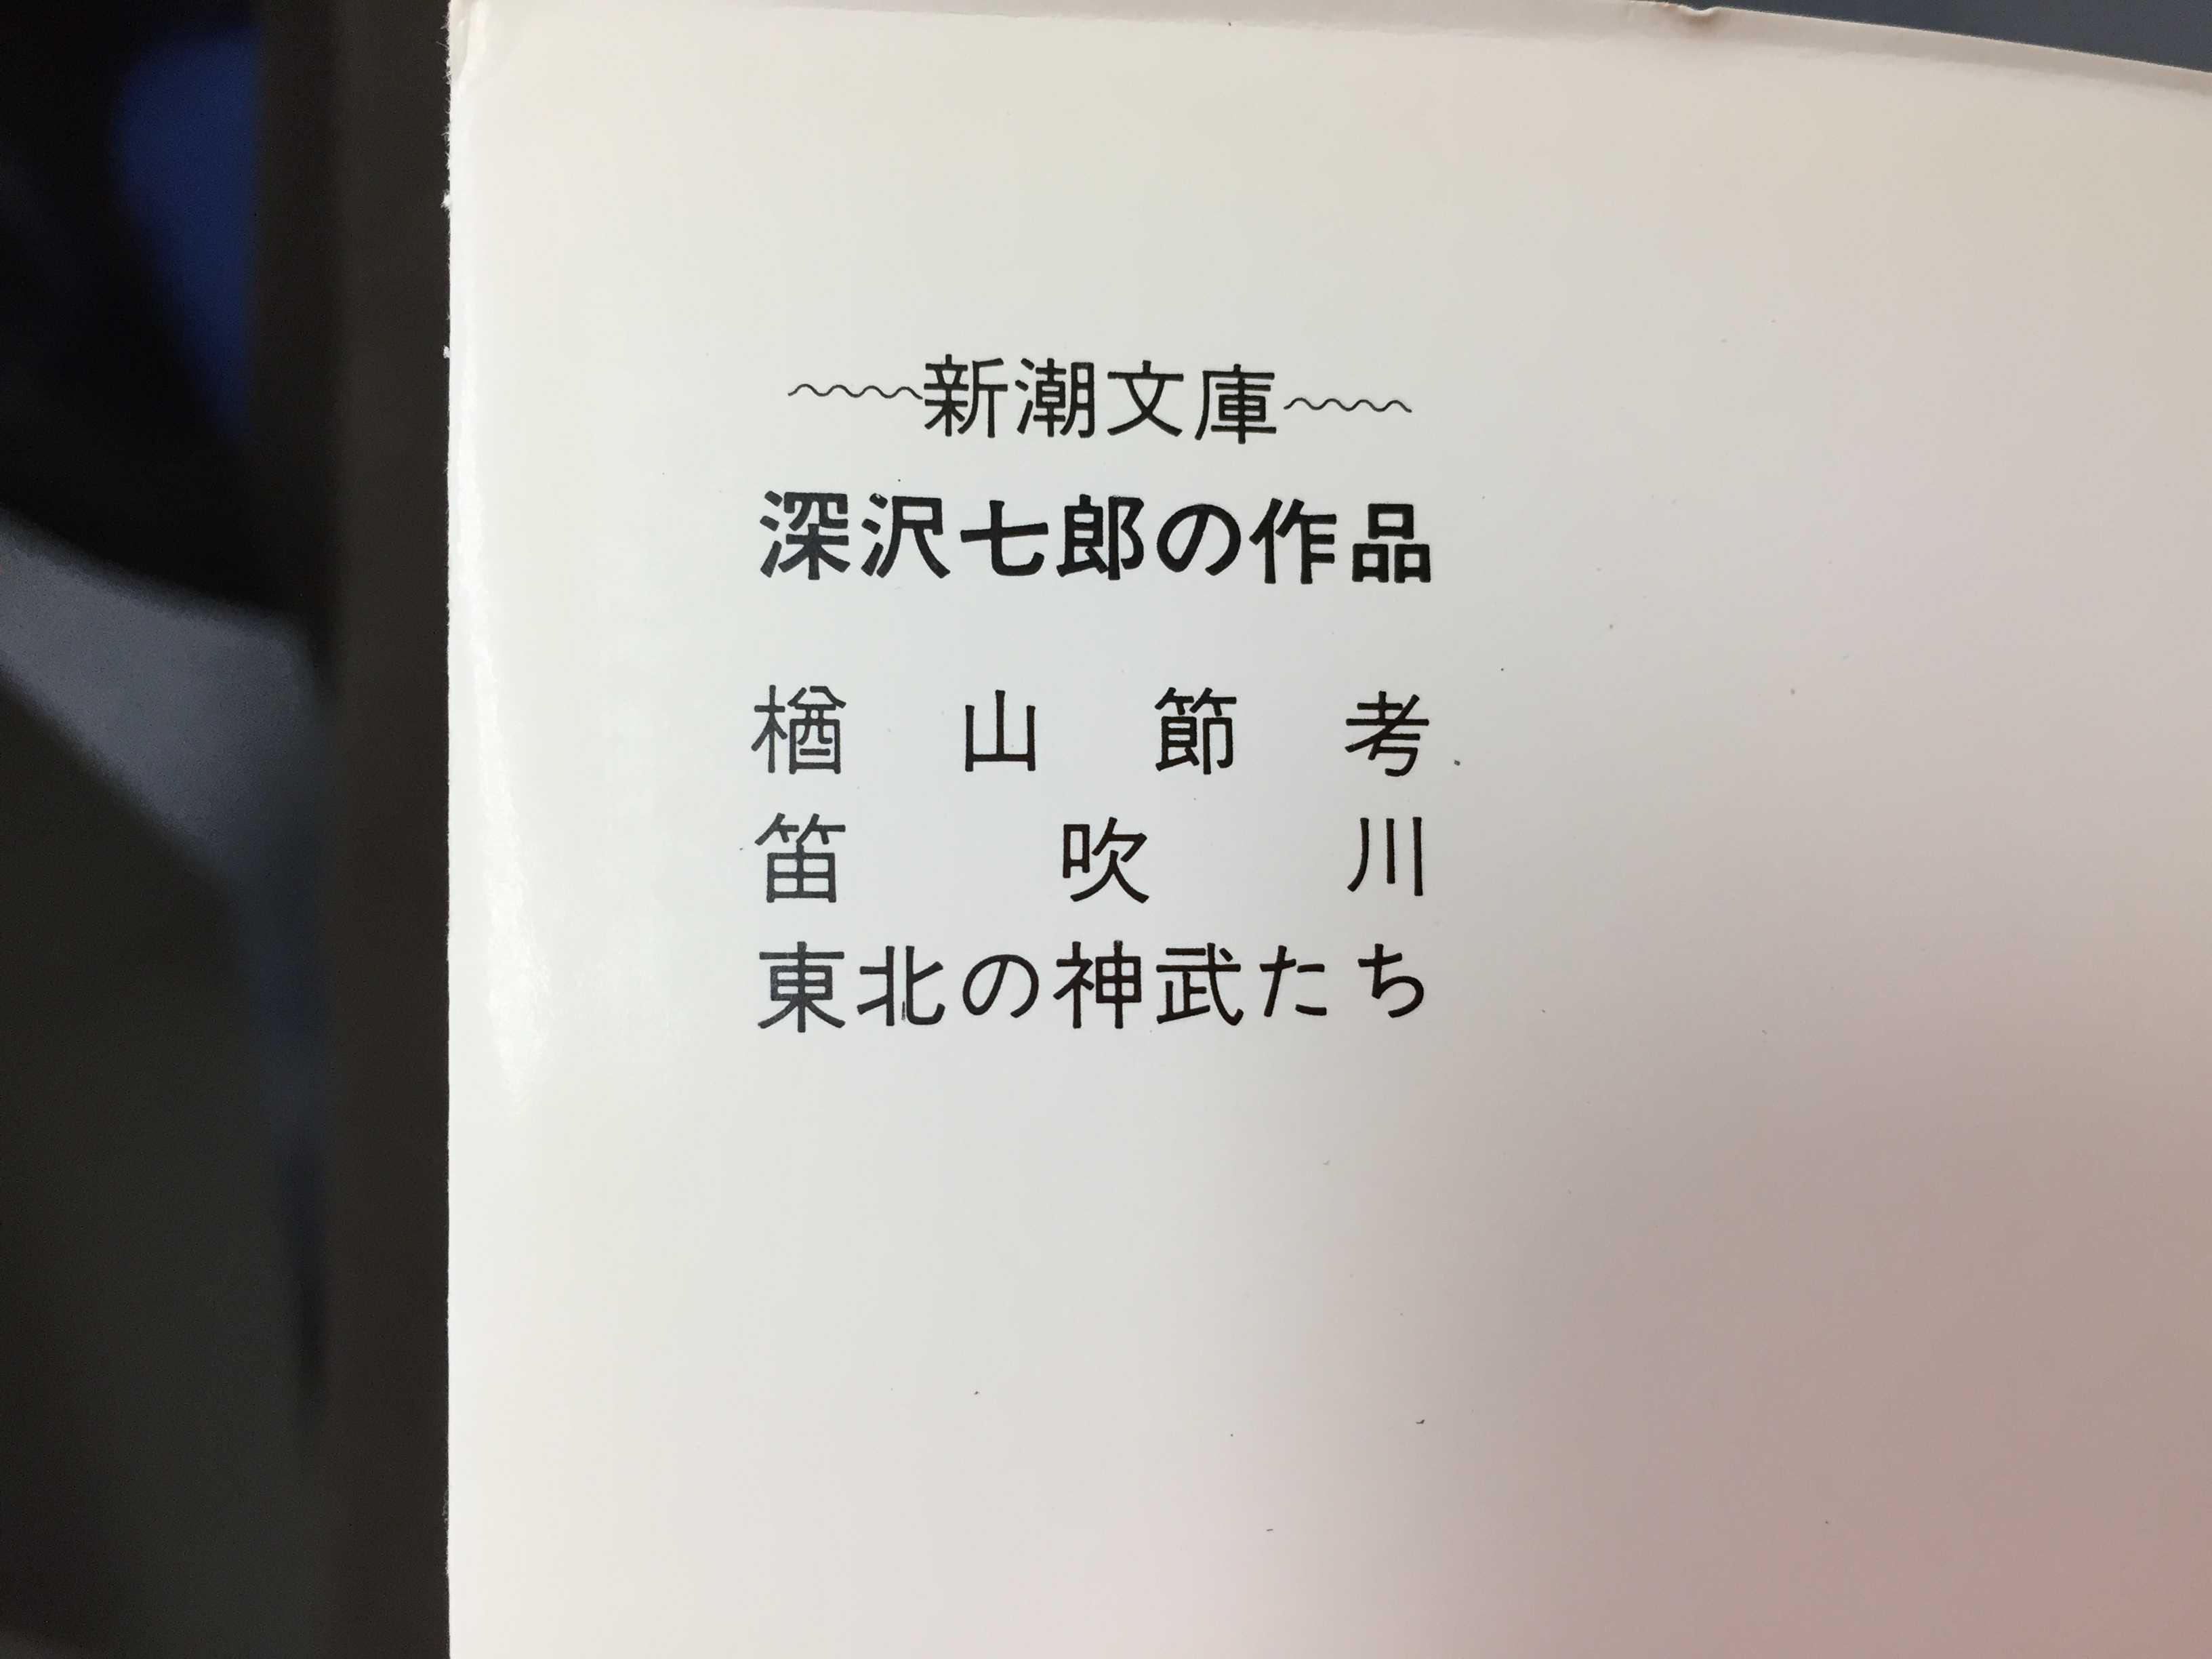 深沢七郎の作品 - 楢山節考、笛吹川、東北の神武たち